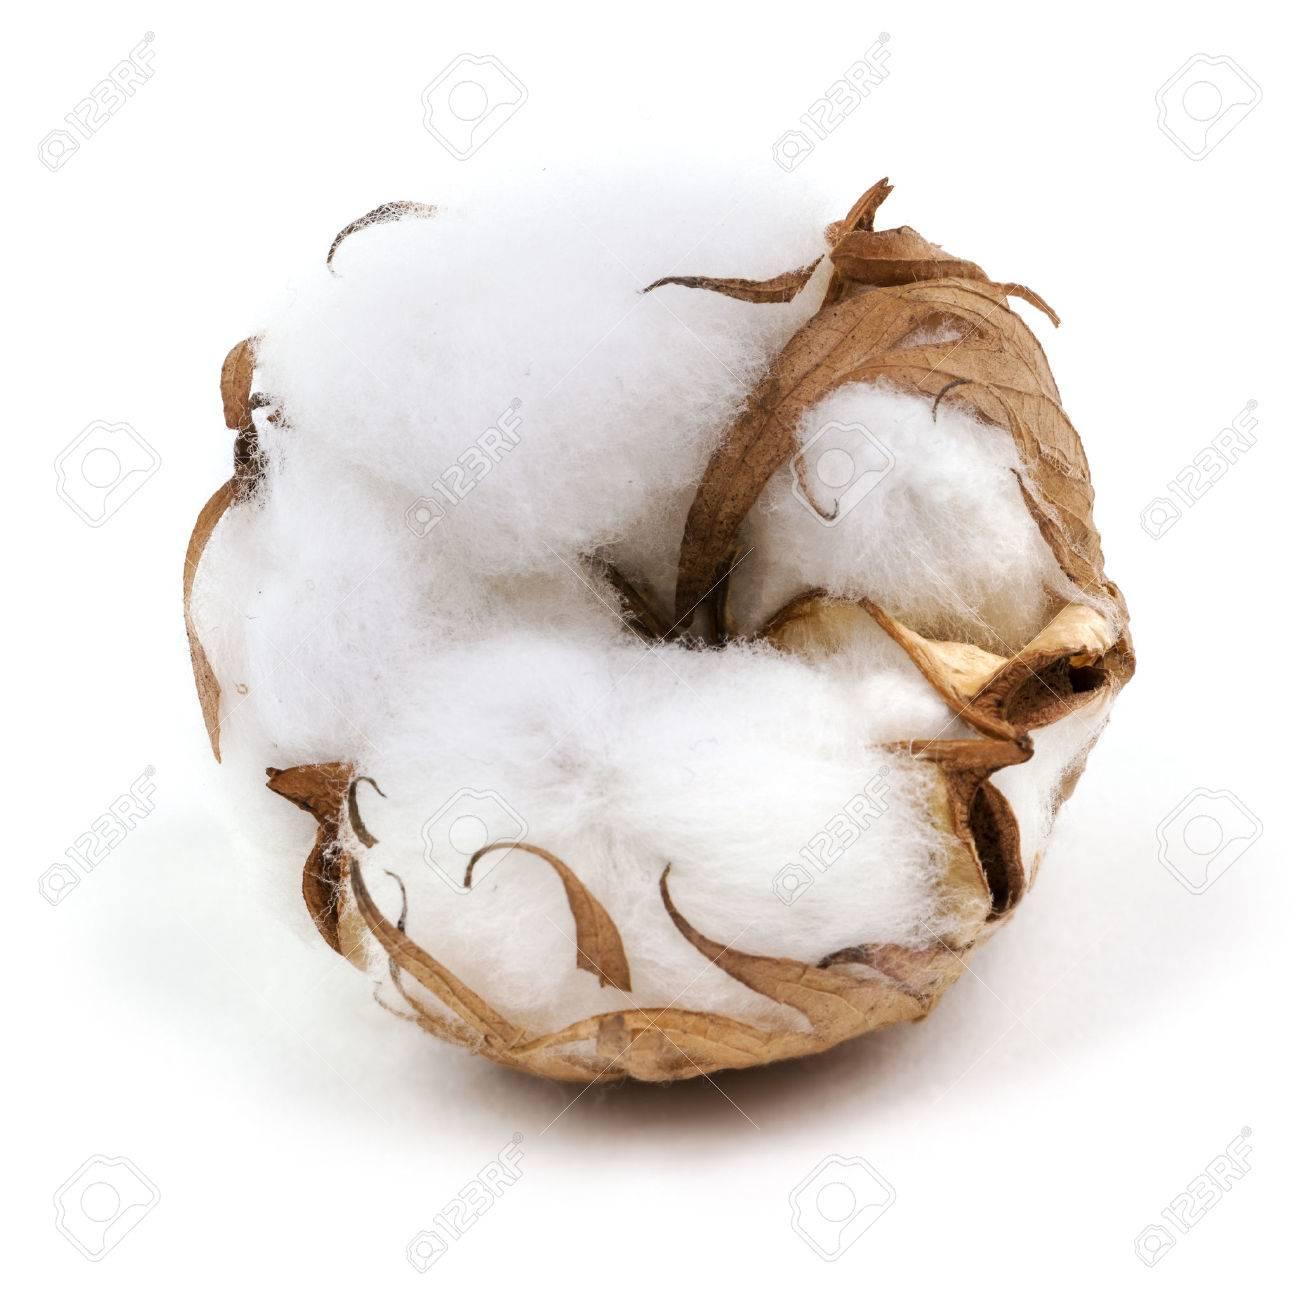 Cotton Plant - 34798090